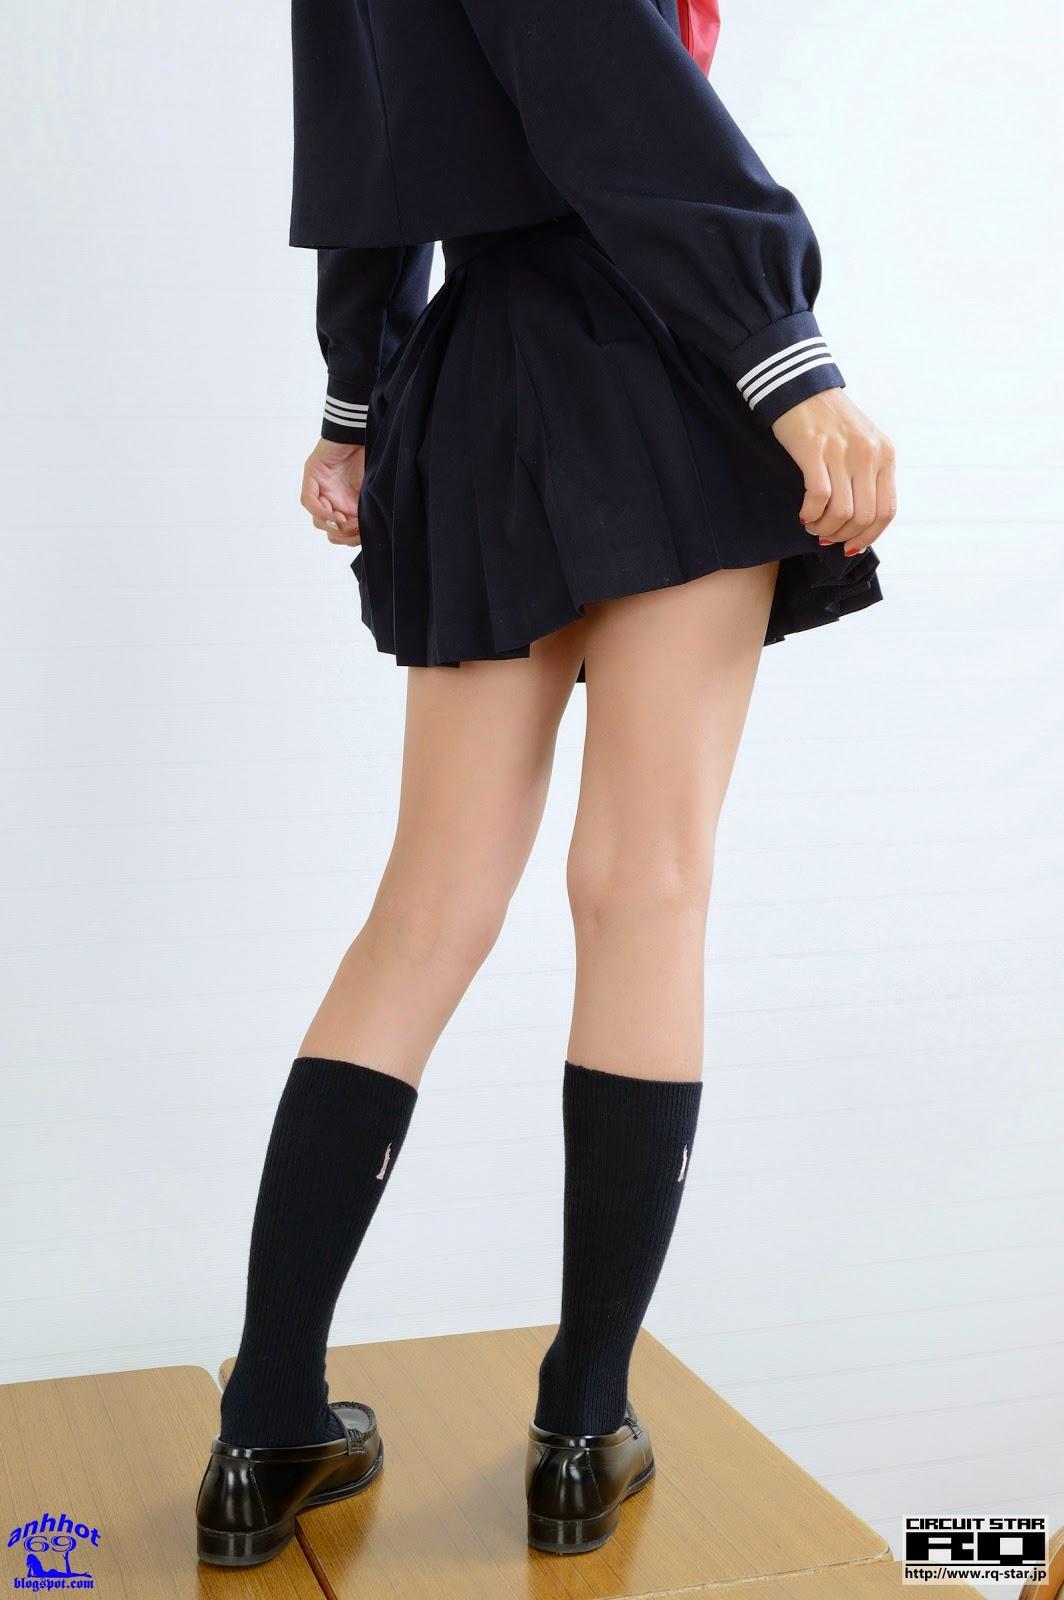 haruka-kanzaki-02420698